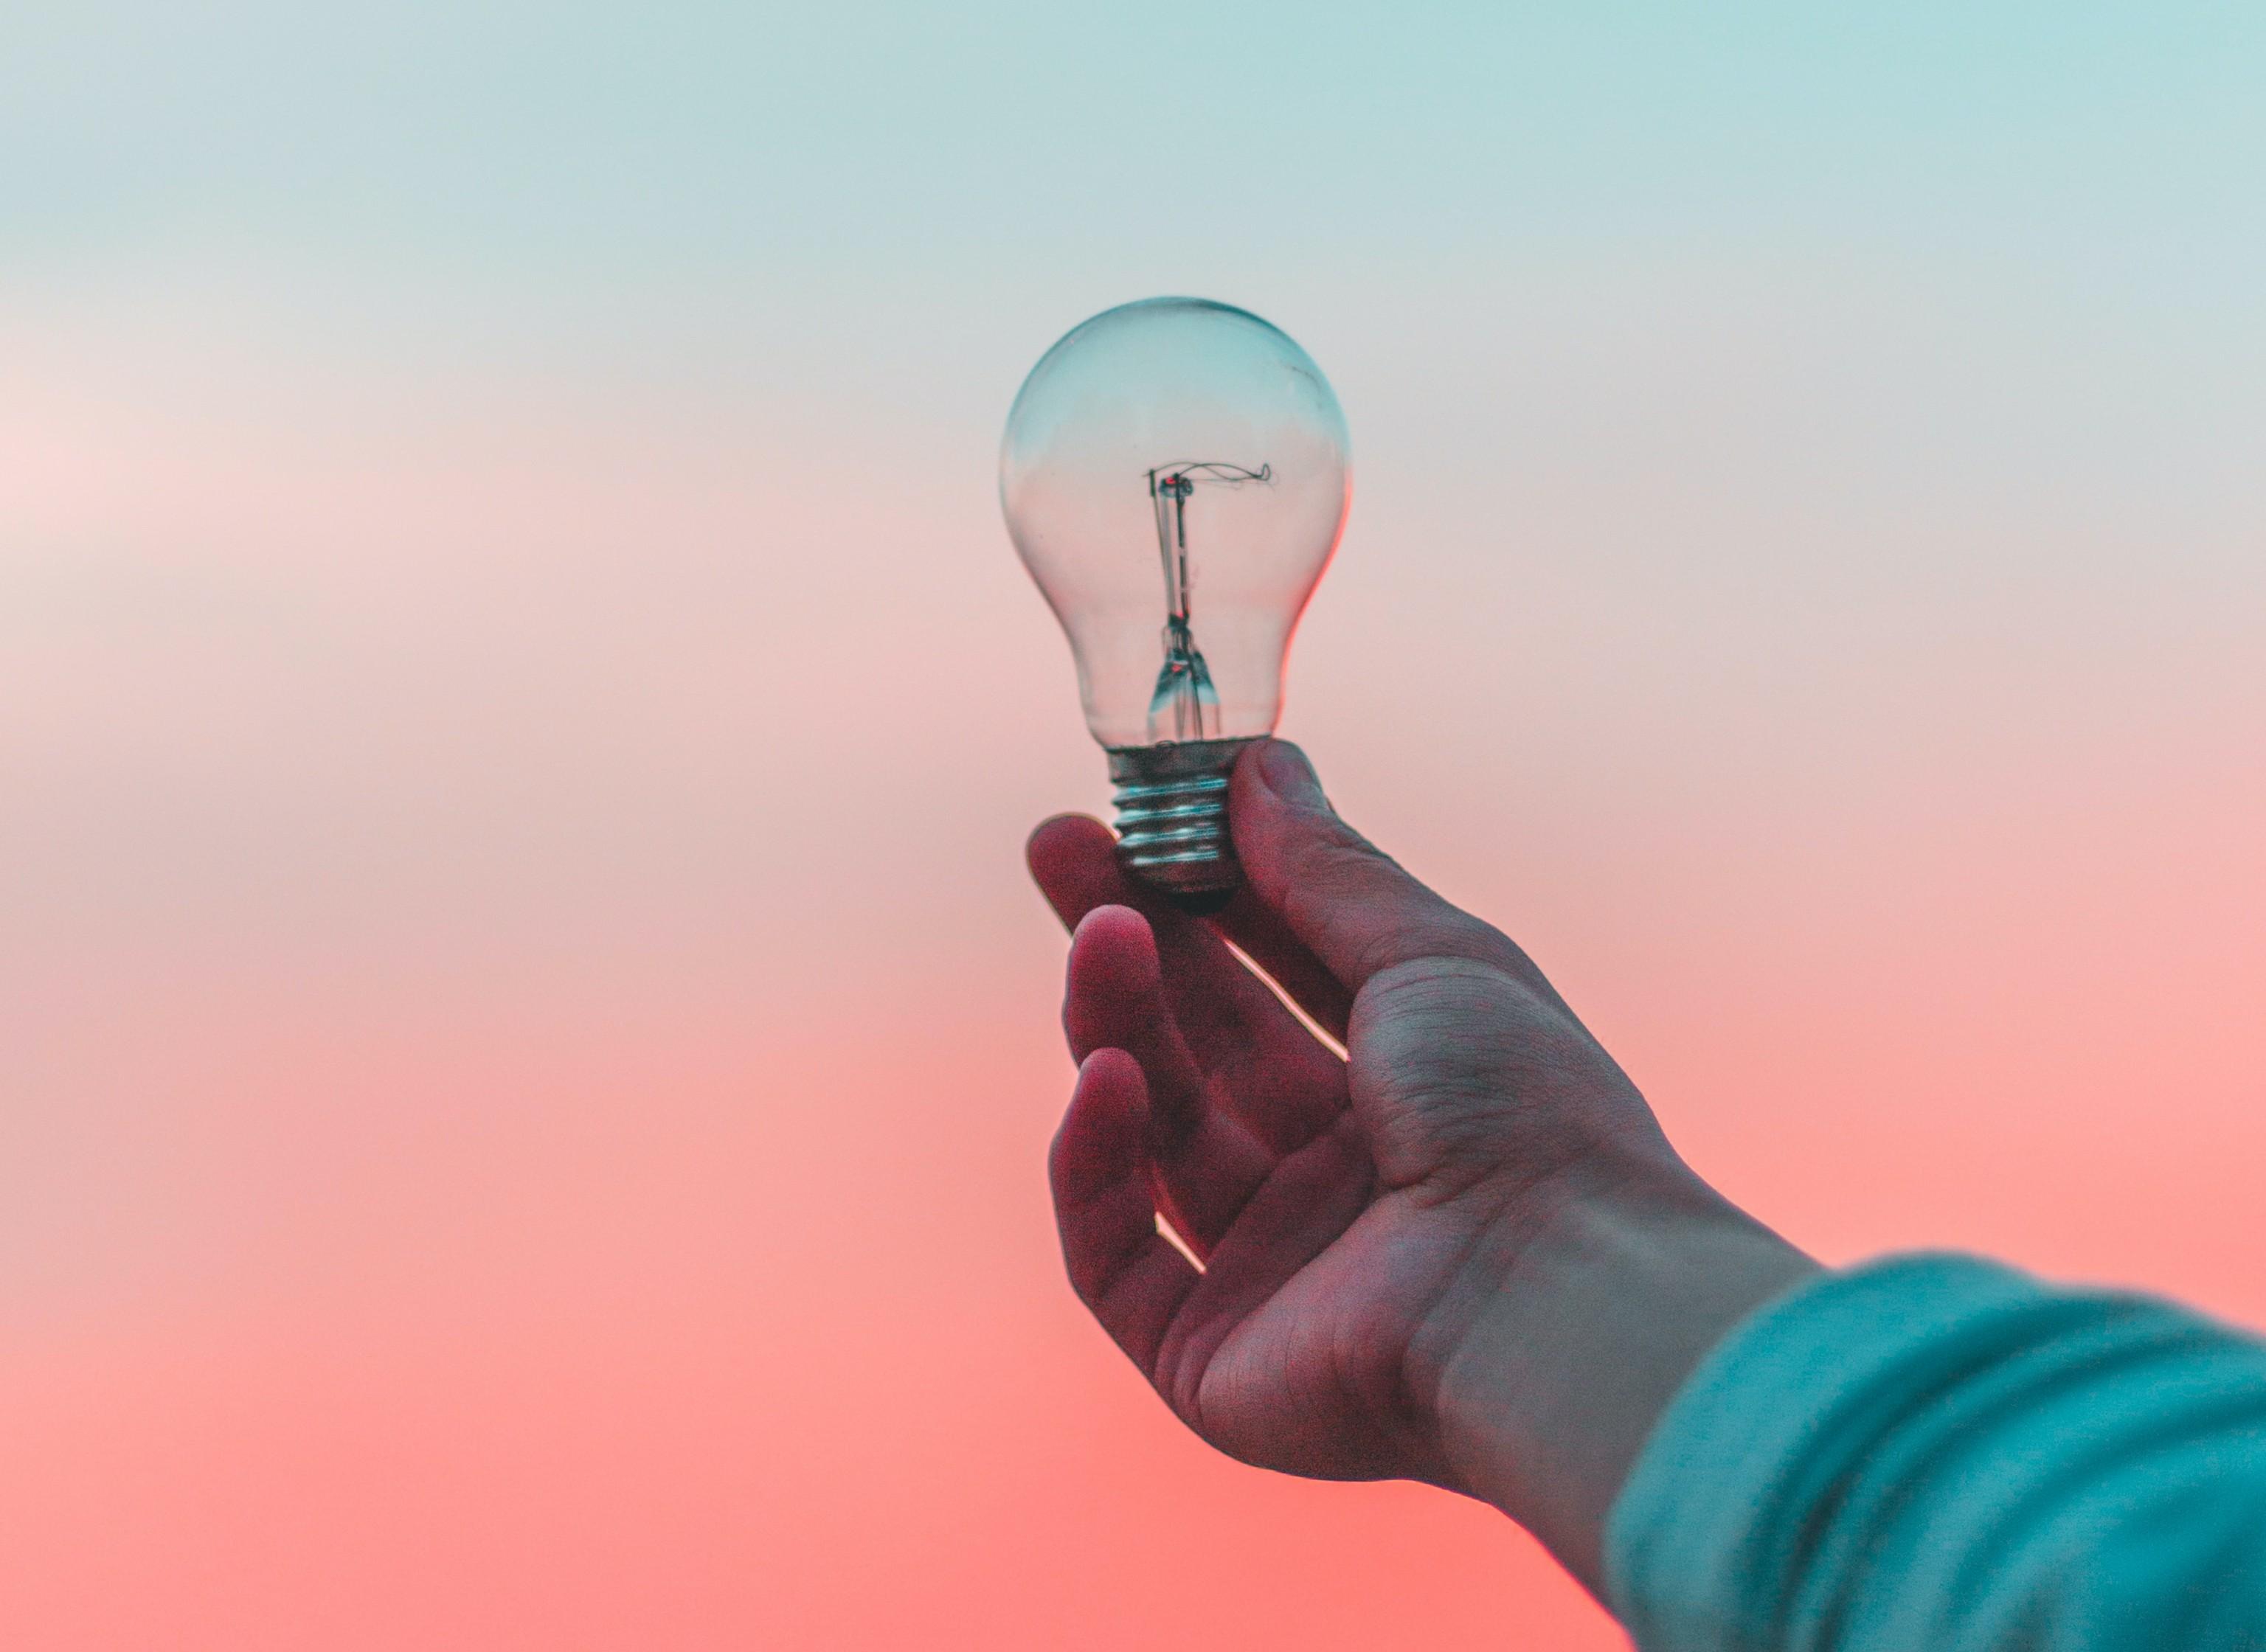 hand-holding-light-bulb-1